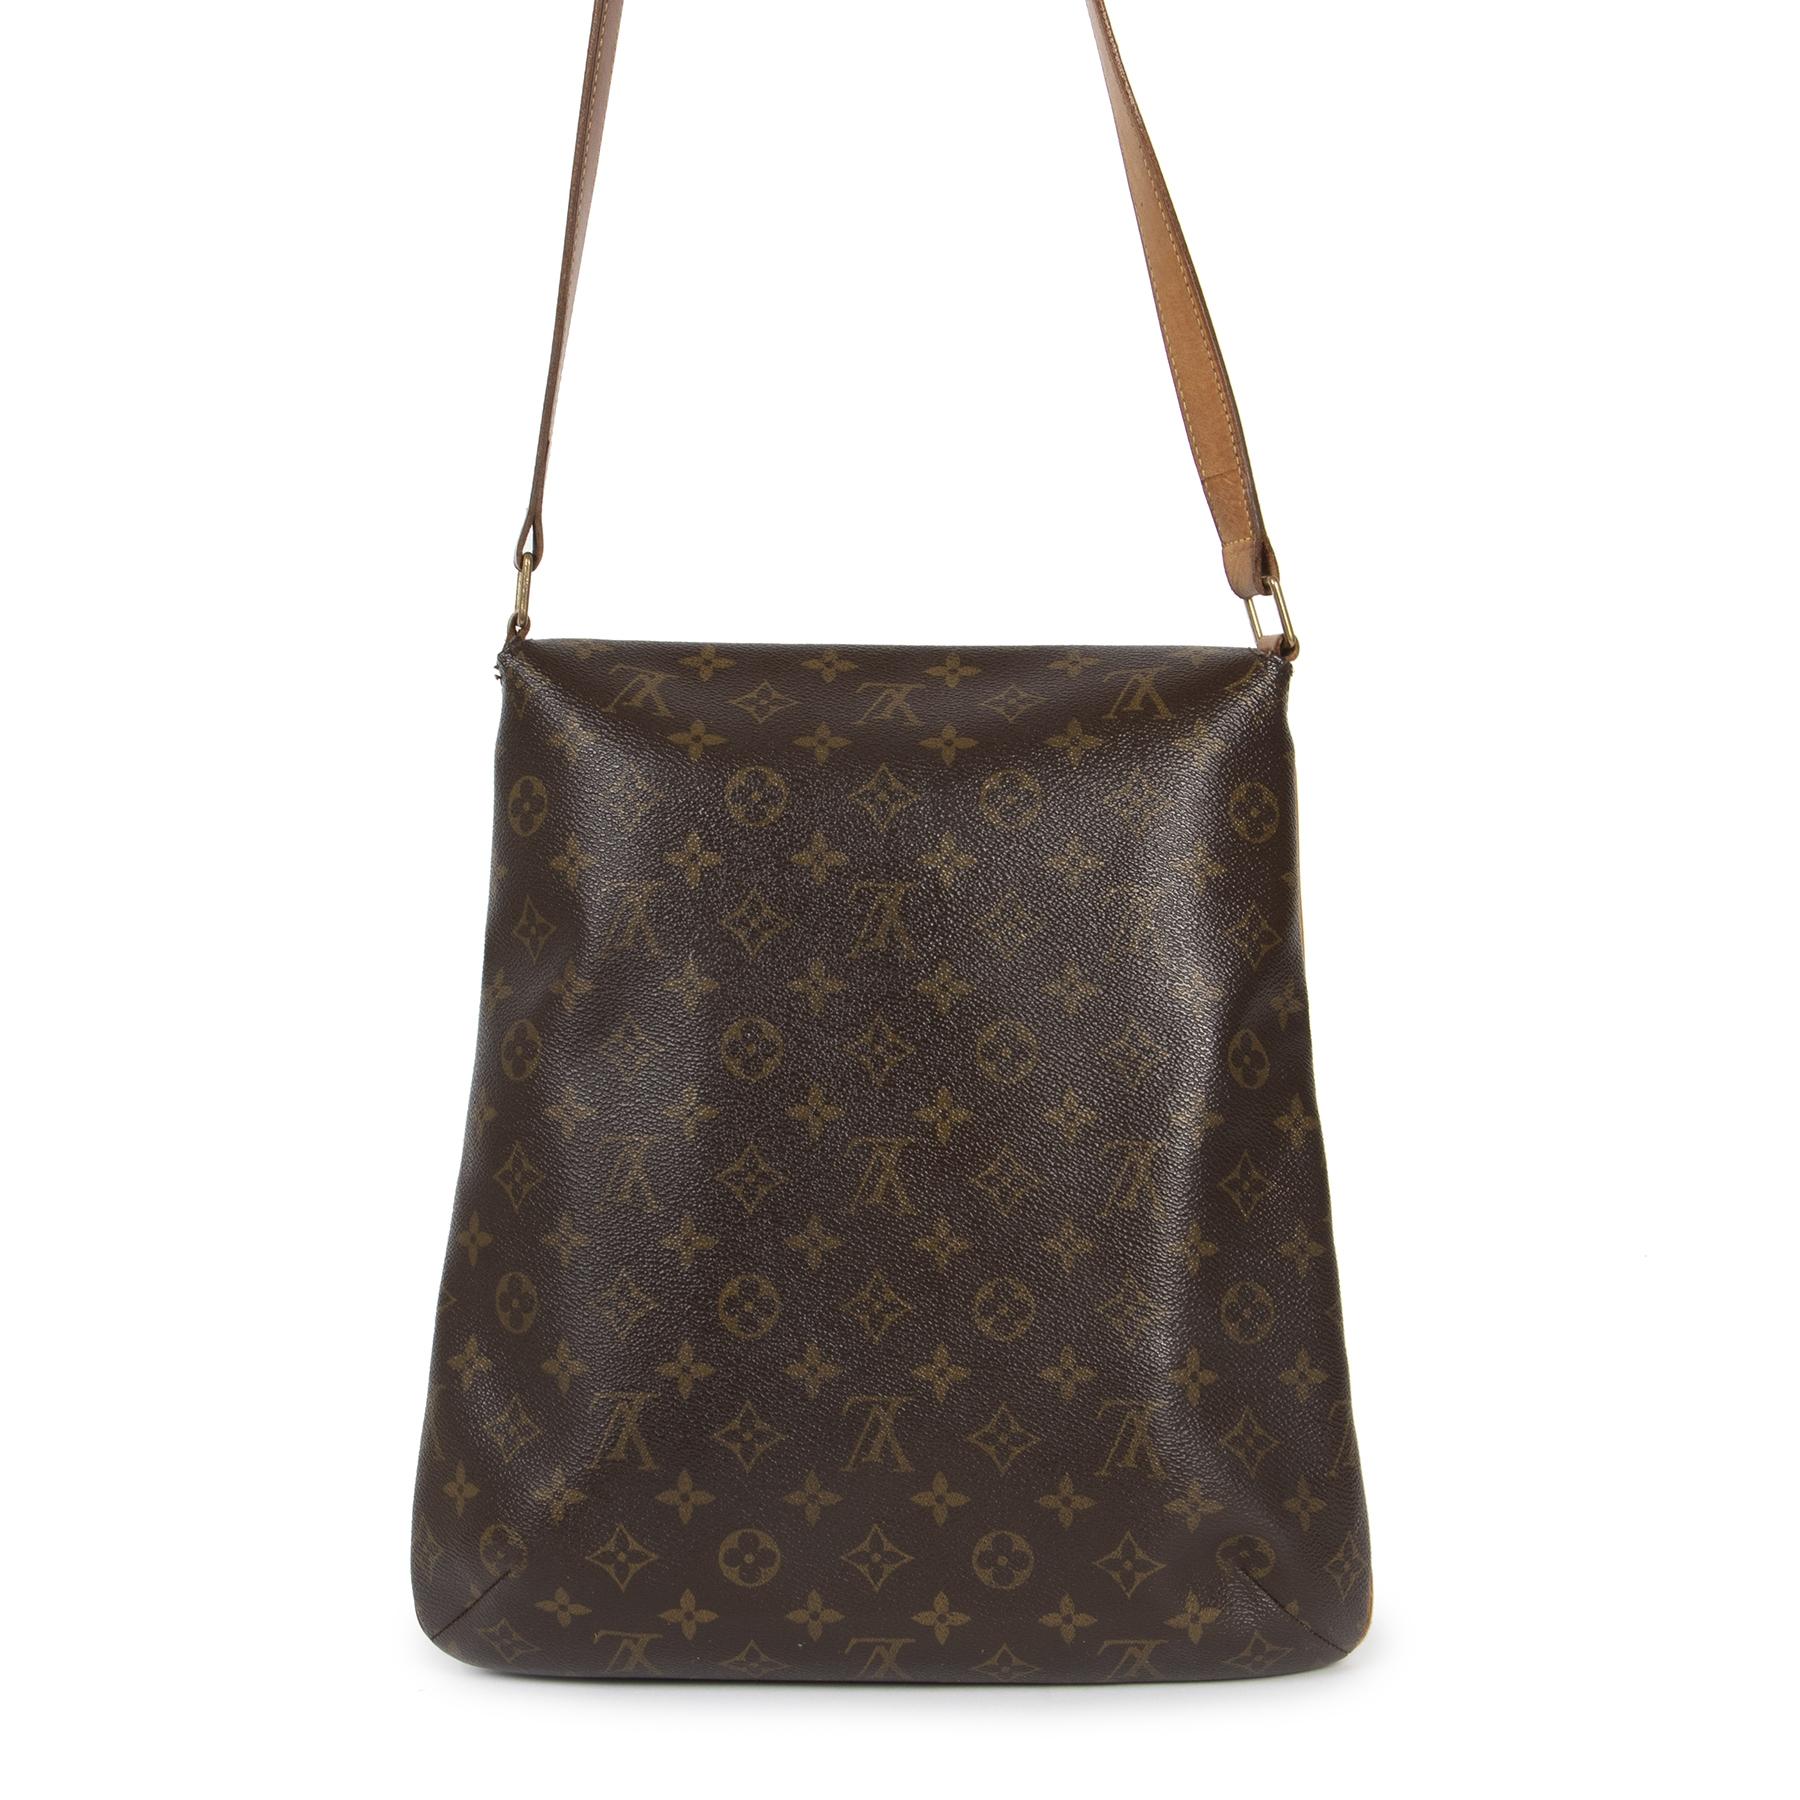 Koop authentieke tweedehands Louis Vuitton Tassen met de juiste prijs bij LabelLOV.